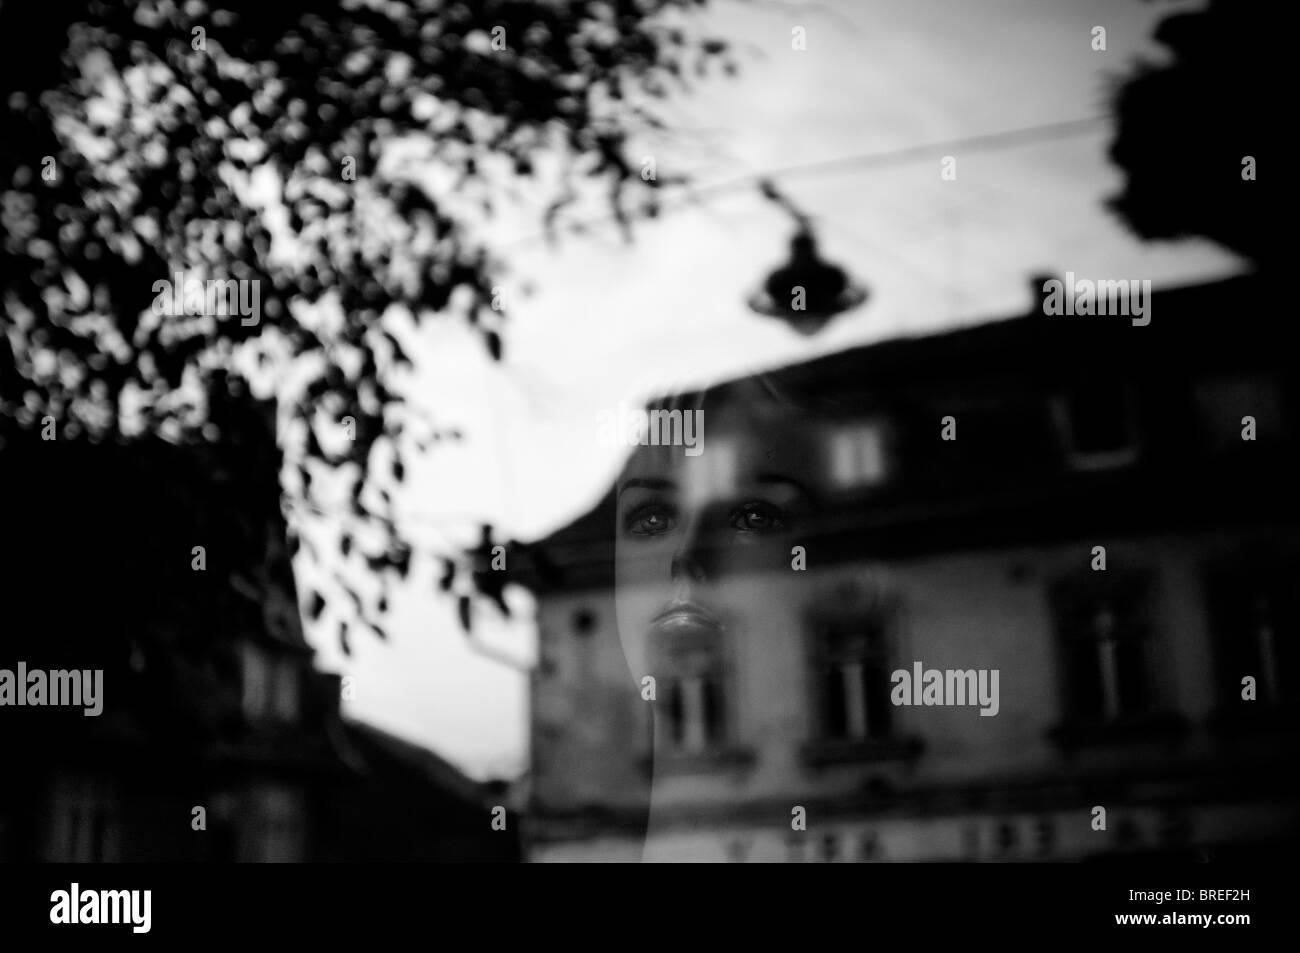 La Romania, Transilvania Sibiu. Faccia Femal riflessione su un vetro di un finestrino Immagini Stock